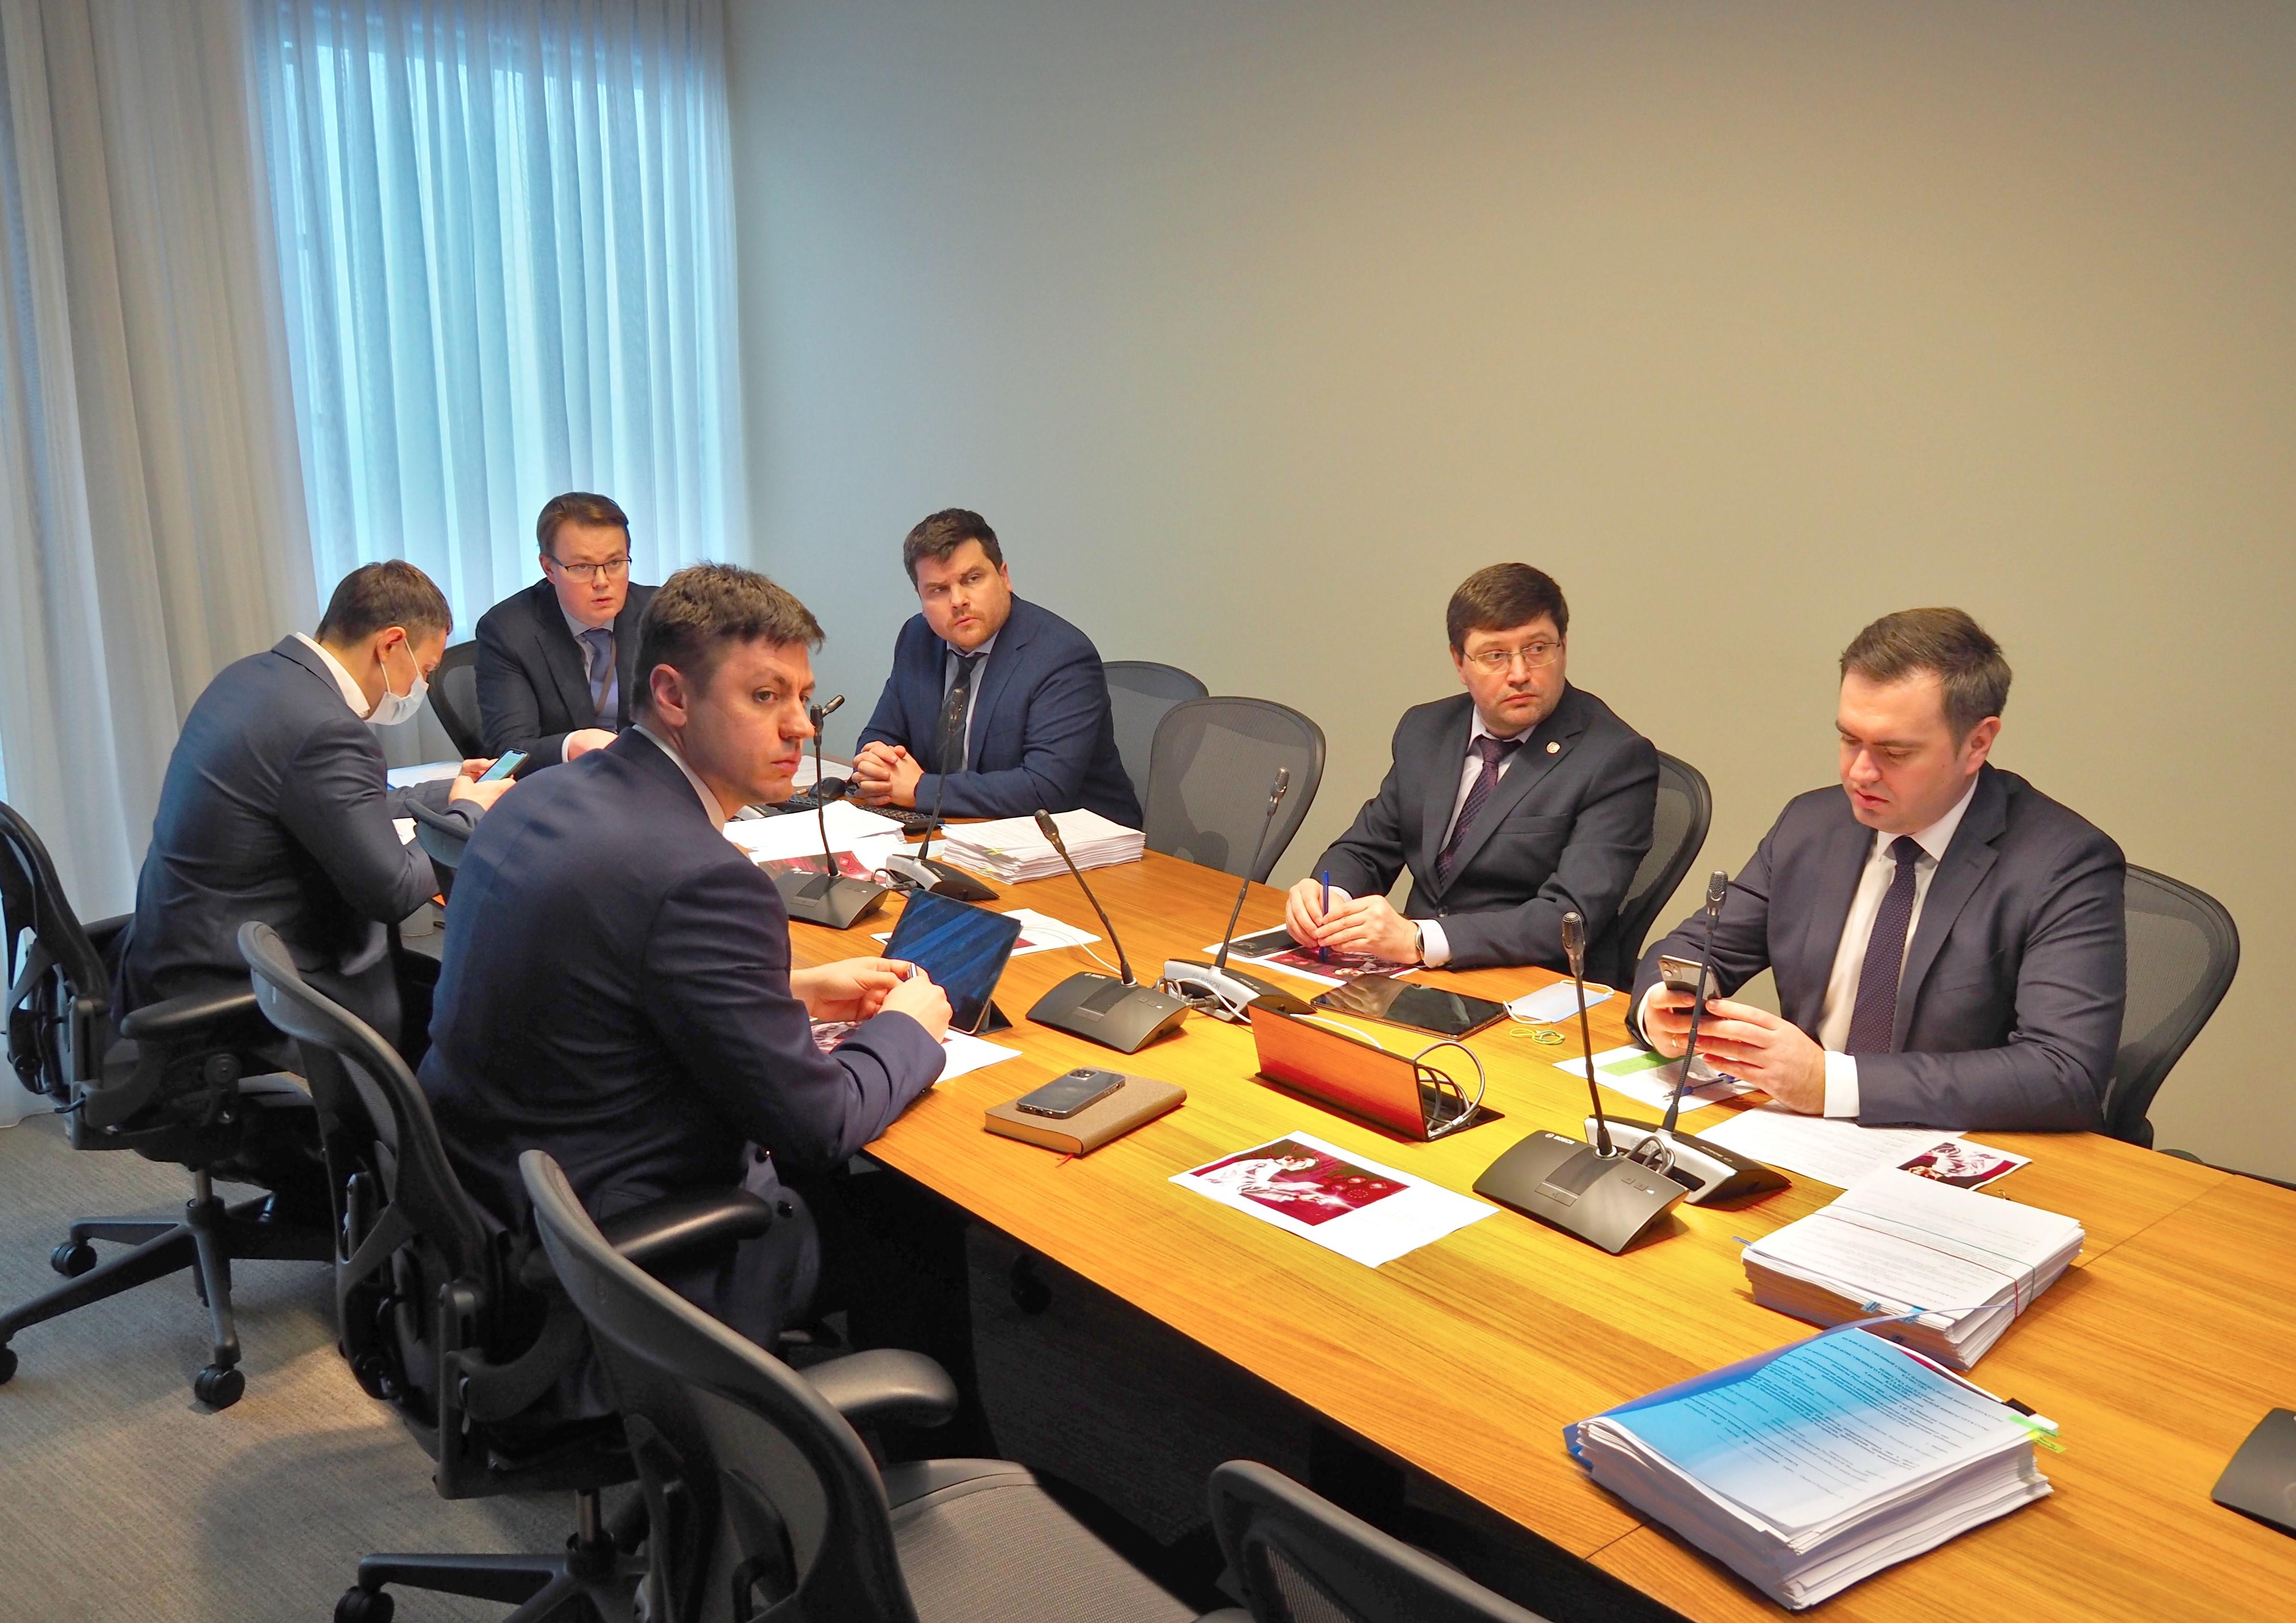 Межведомственный совет завершил пересмотр аккредитованных лиц в национальной части Единого реестра ЕАЭС